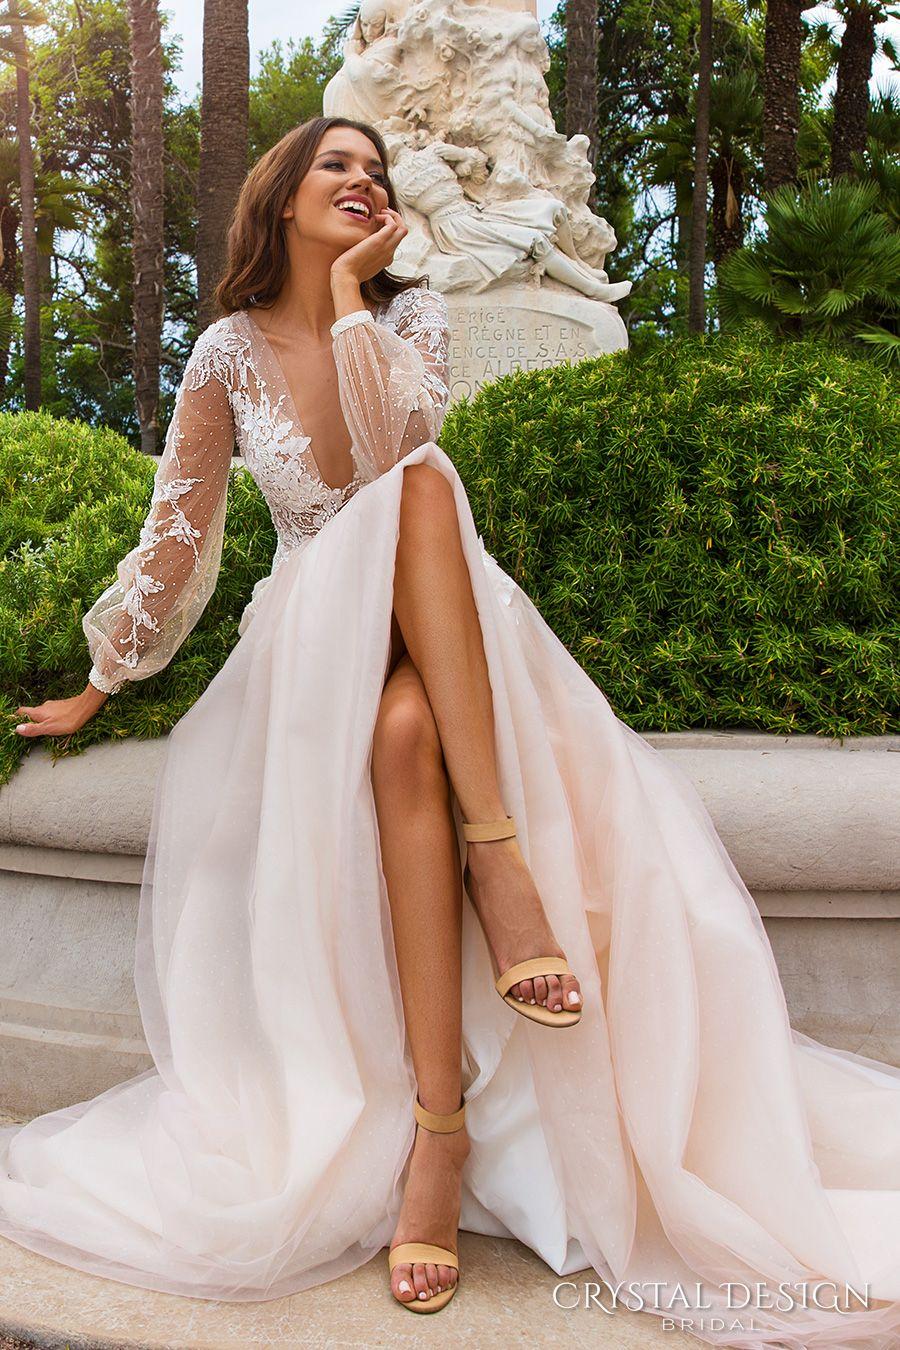 Abiti da sposa nuovi Appliques di pizzo di design 2017 scollo a V profondo Vedere attraverso indietro con fiori fatti a mano Sweep treno abiti da sposa da sposa